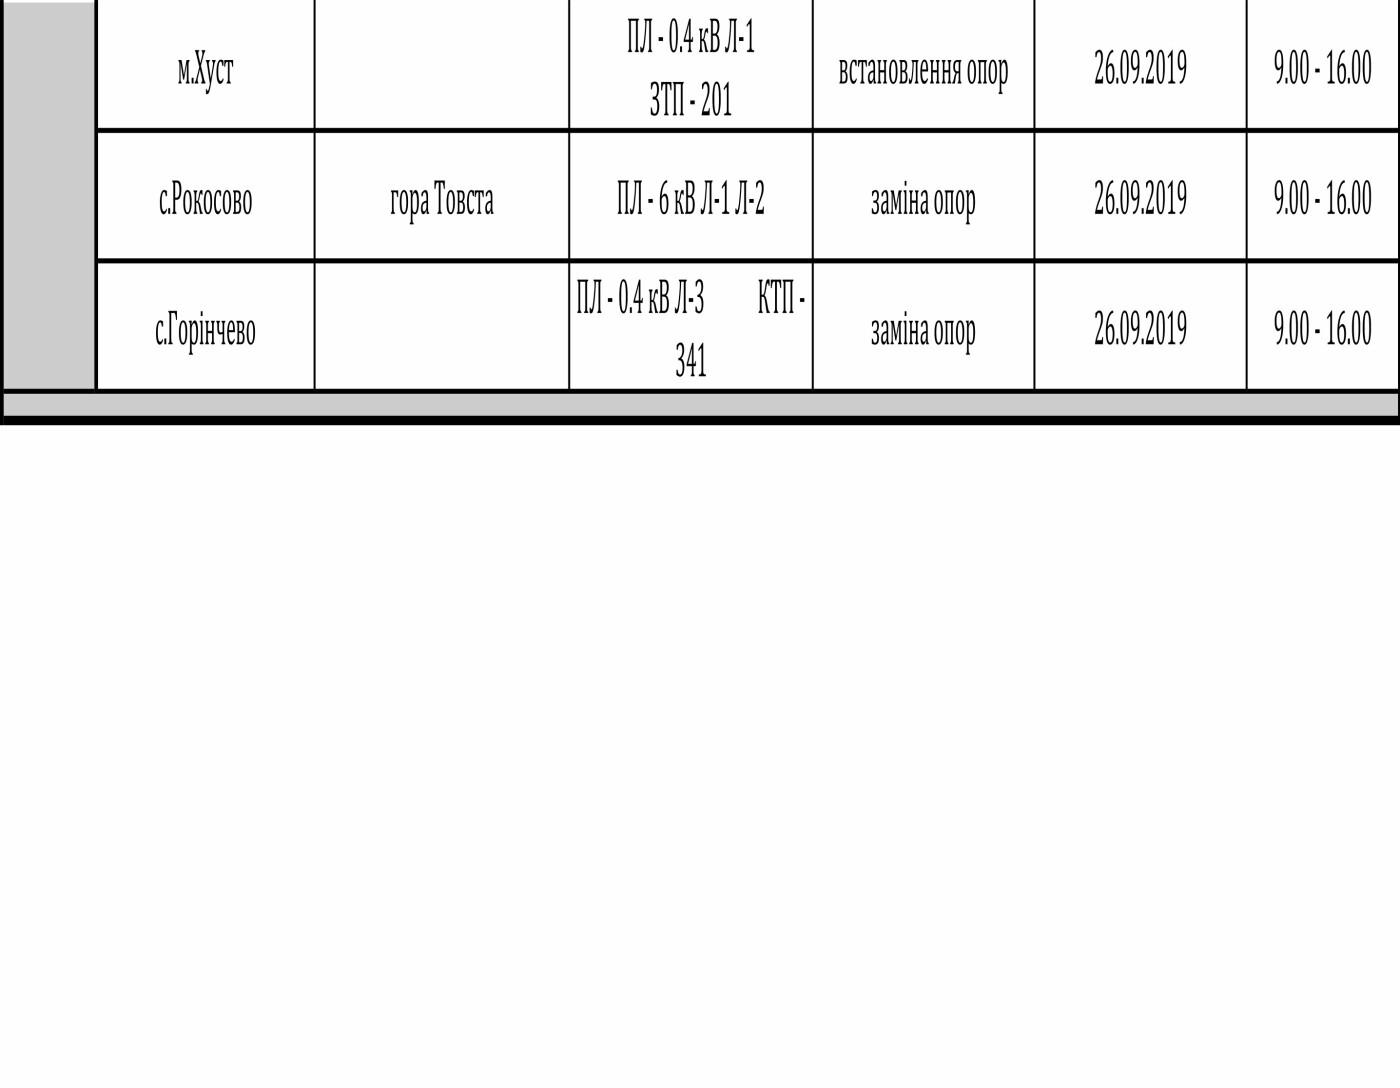 Графік відключення світла на Закарпатті з 23 по 27 вересня, фото-11